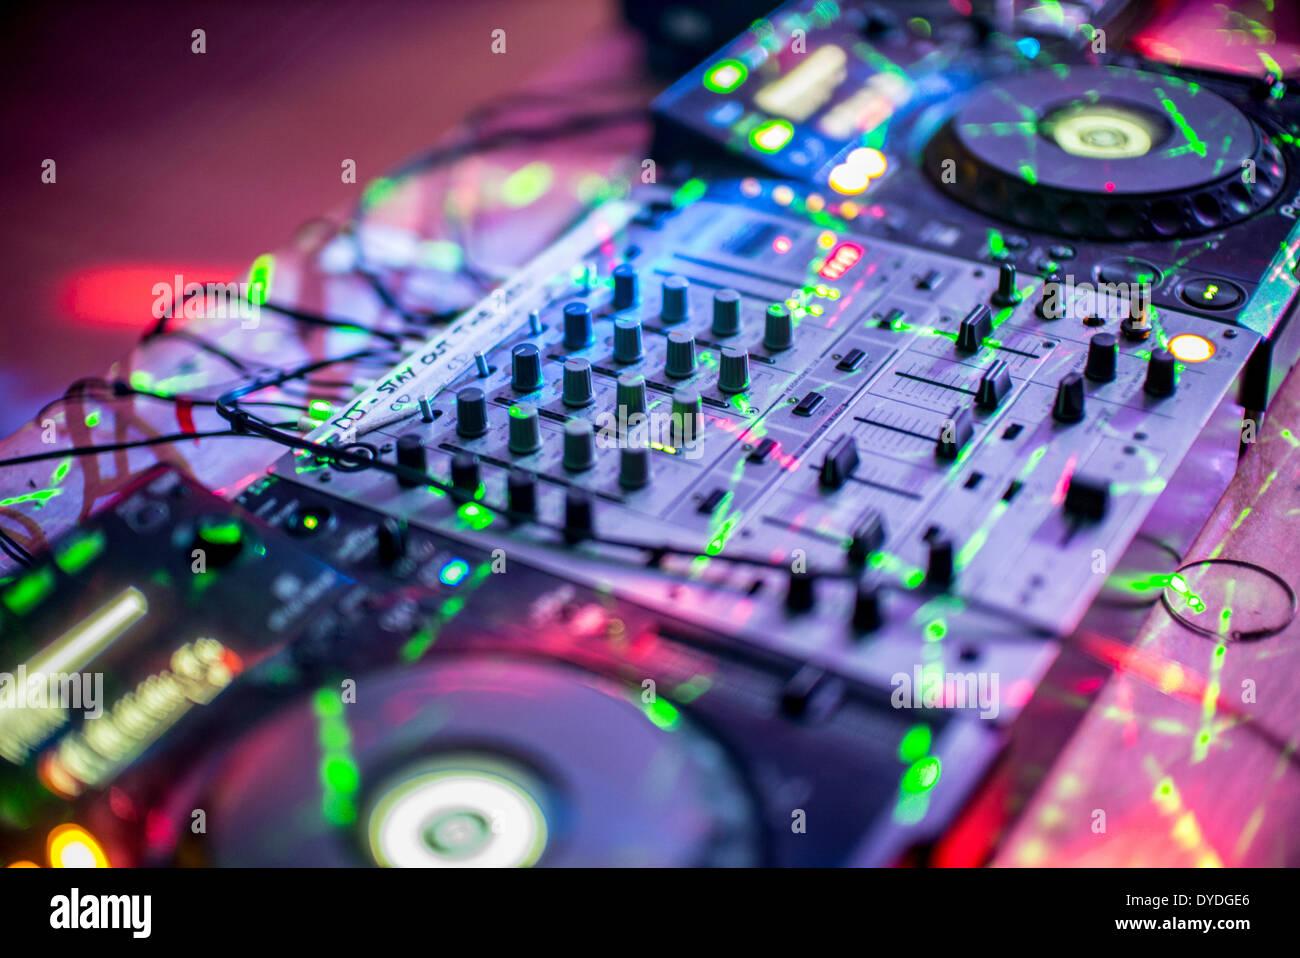 CD DJ mixing decks. - Stock Image